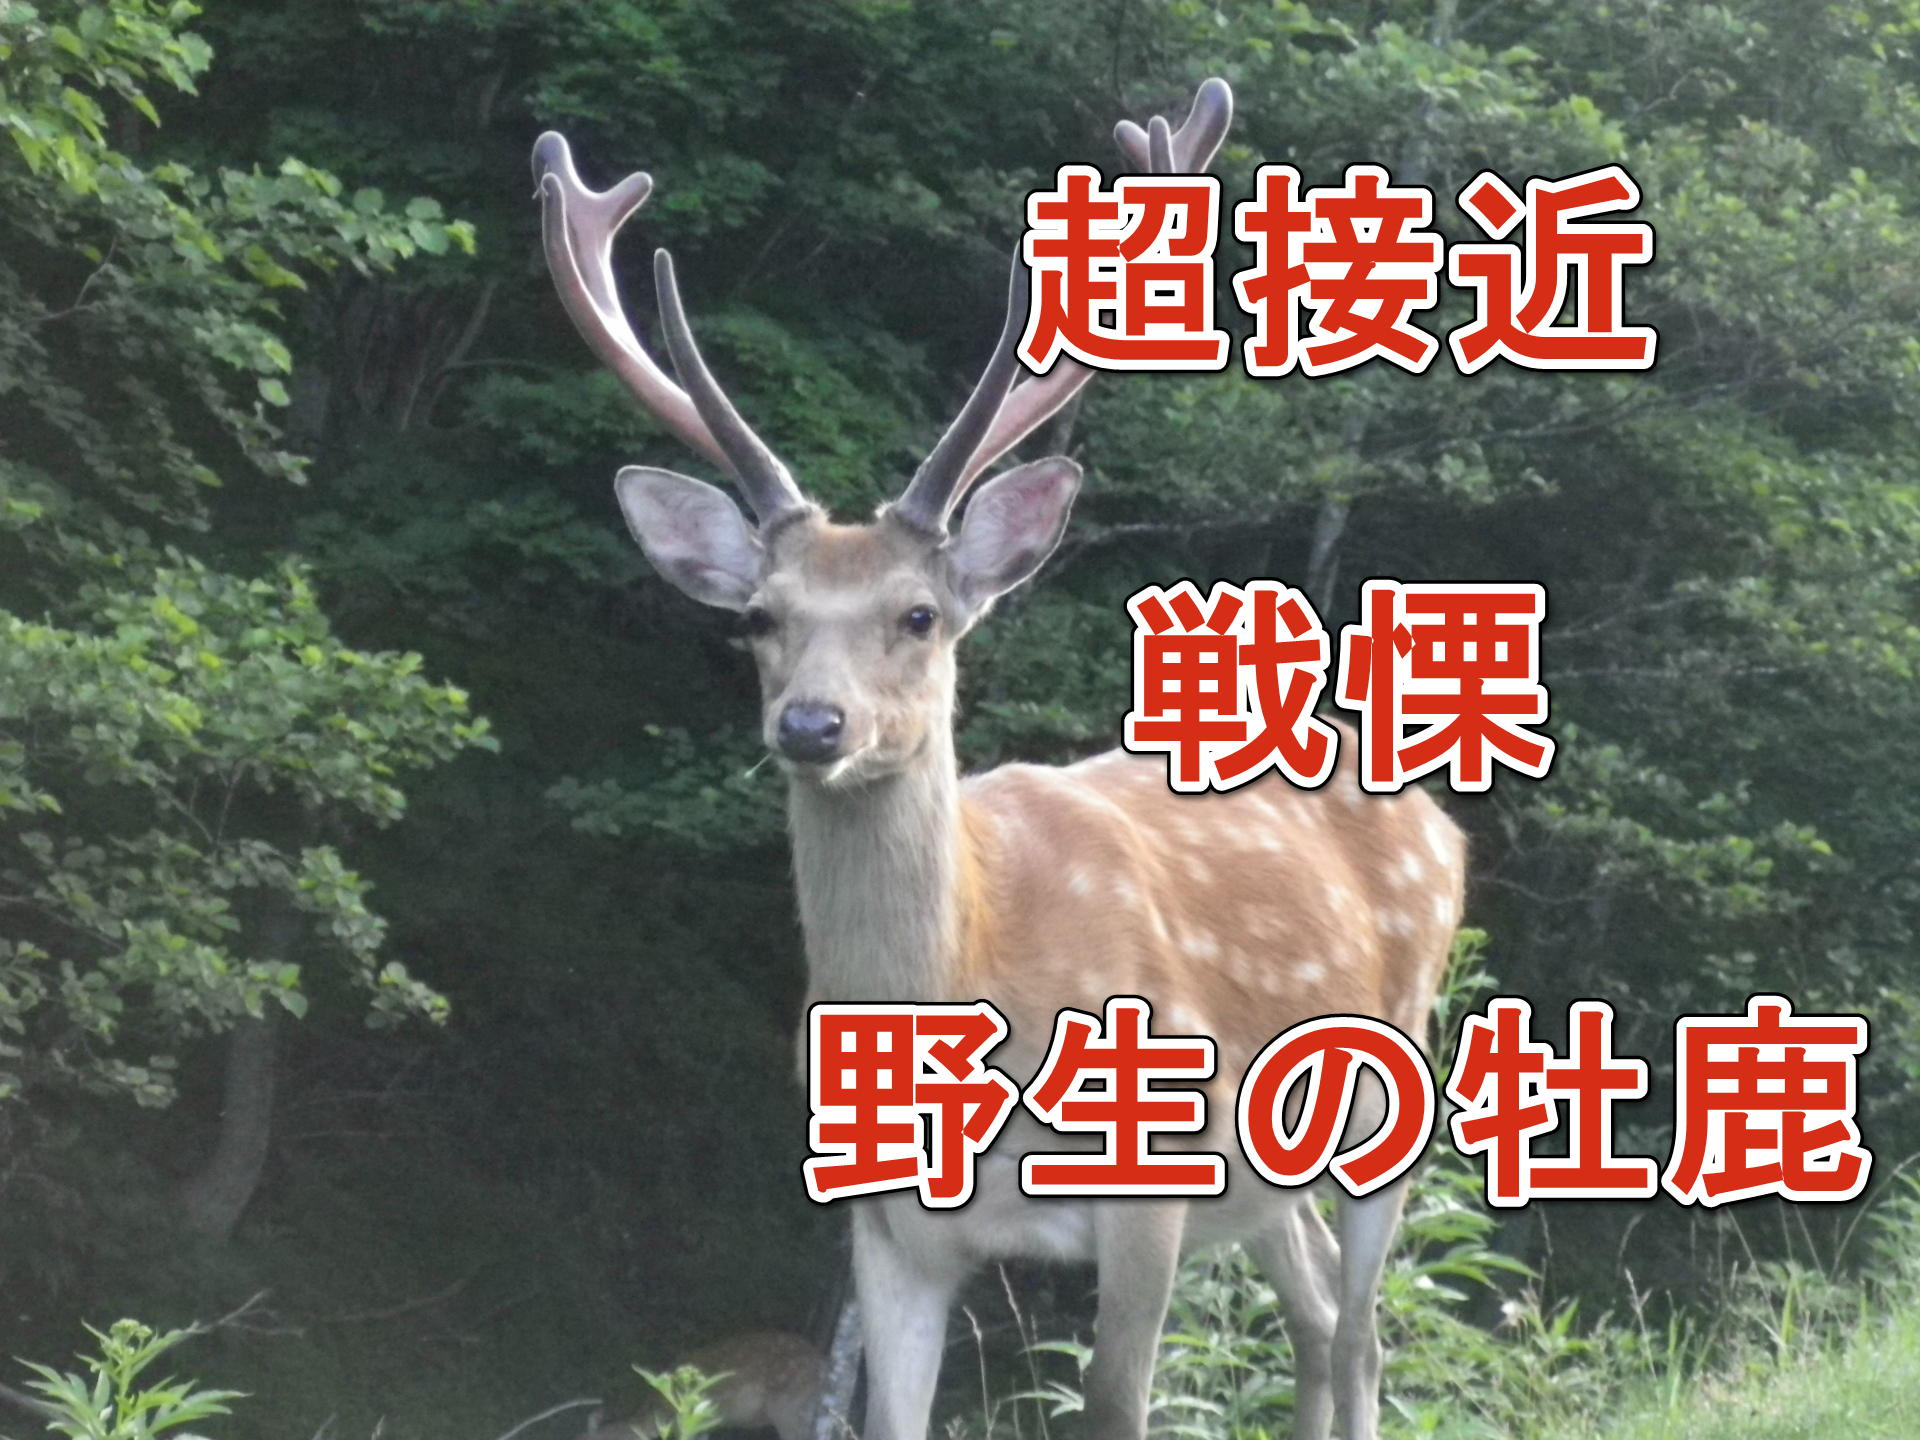 牡鹿 野生動物